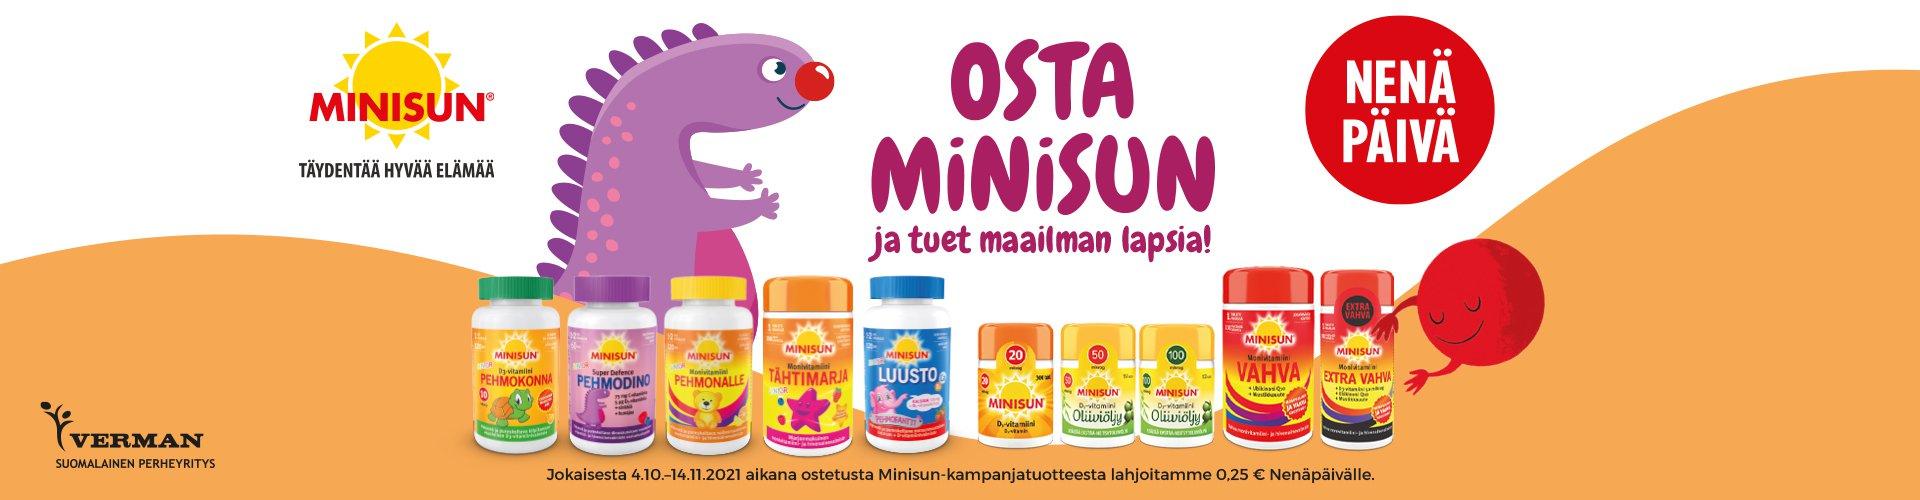 Jokaisesta 4.10.-14.11.2021 aikana ostetusta Minisun-kampanja tuotteesta Verman lahjoittaa 0,25€ Nenäpäivälle.